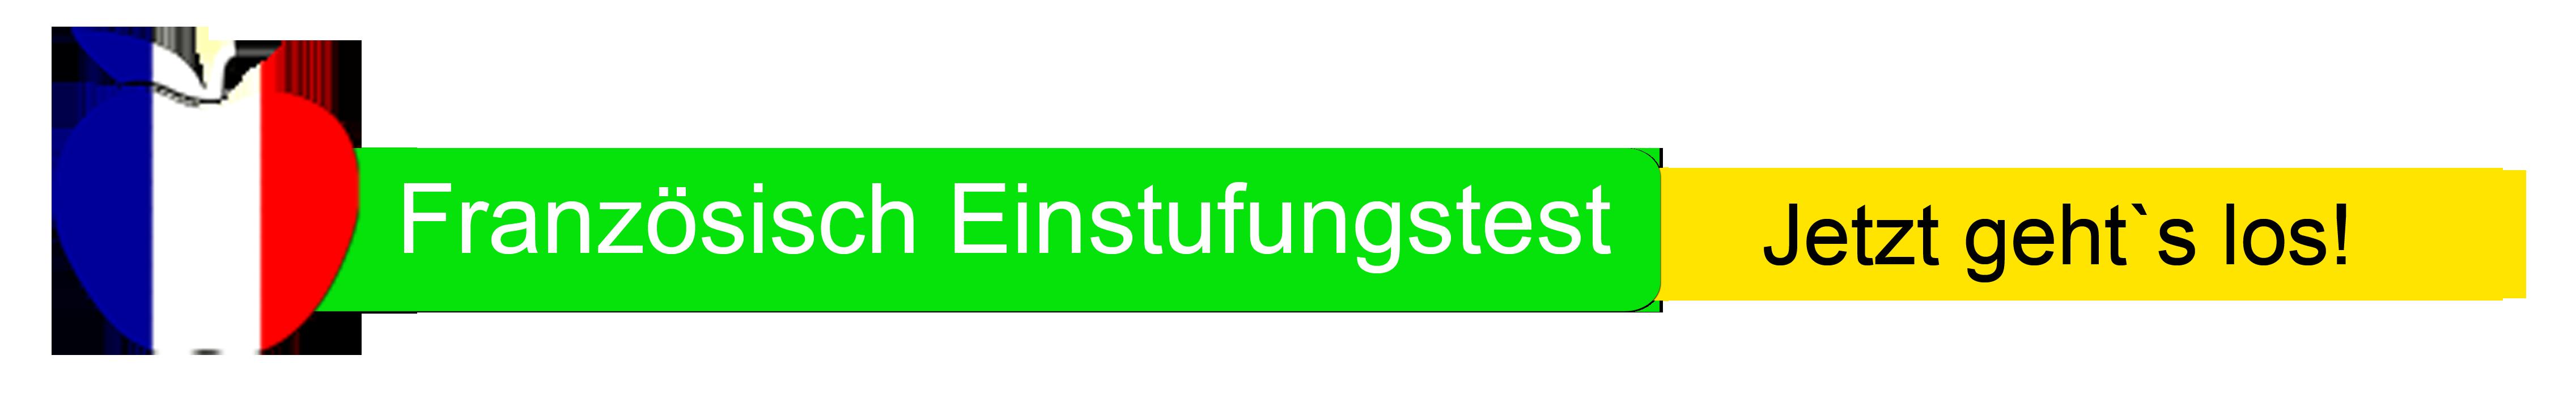 Französisch-Einstufungstest-Freising